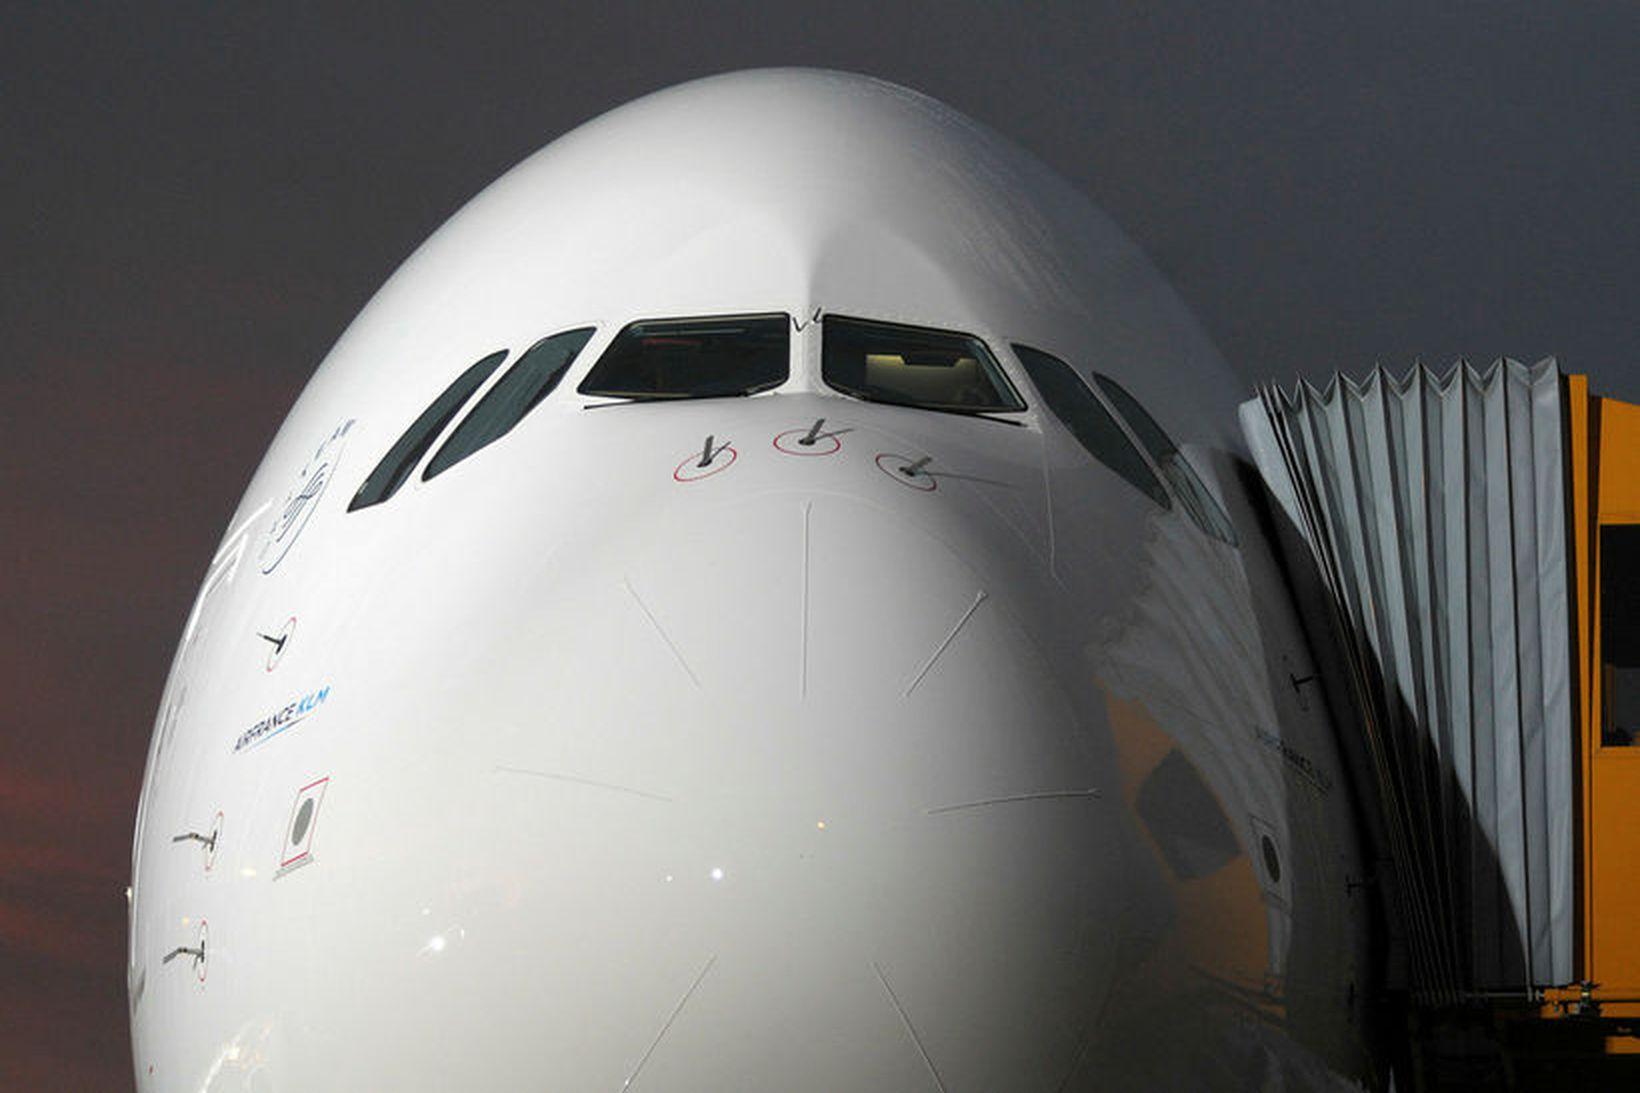 Þota af gerðinni Airbus.